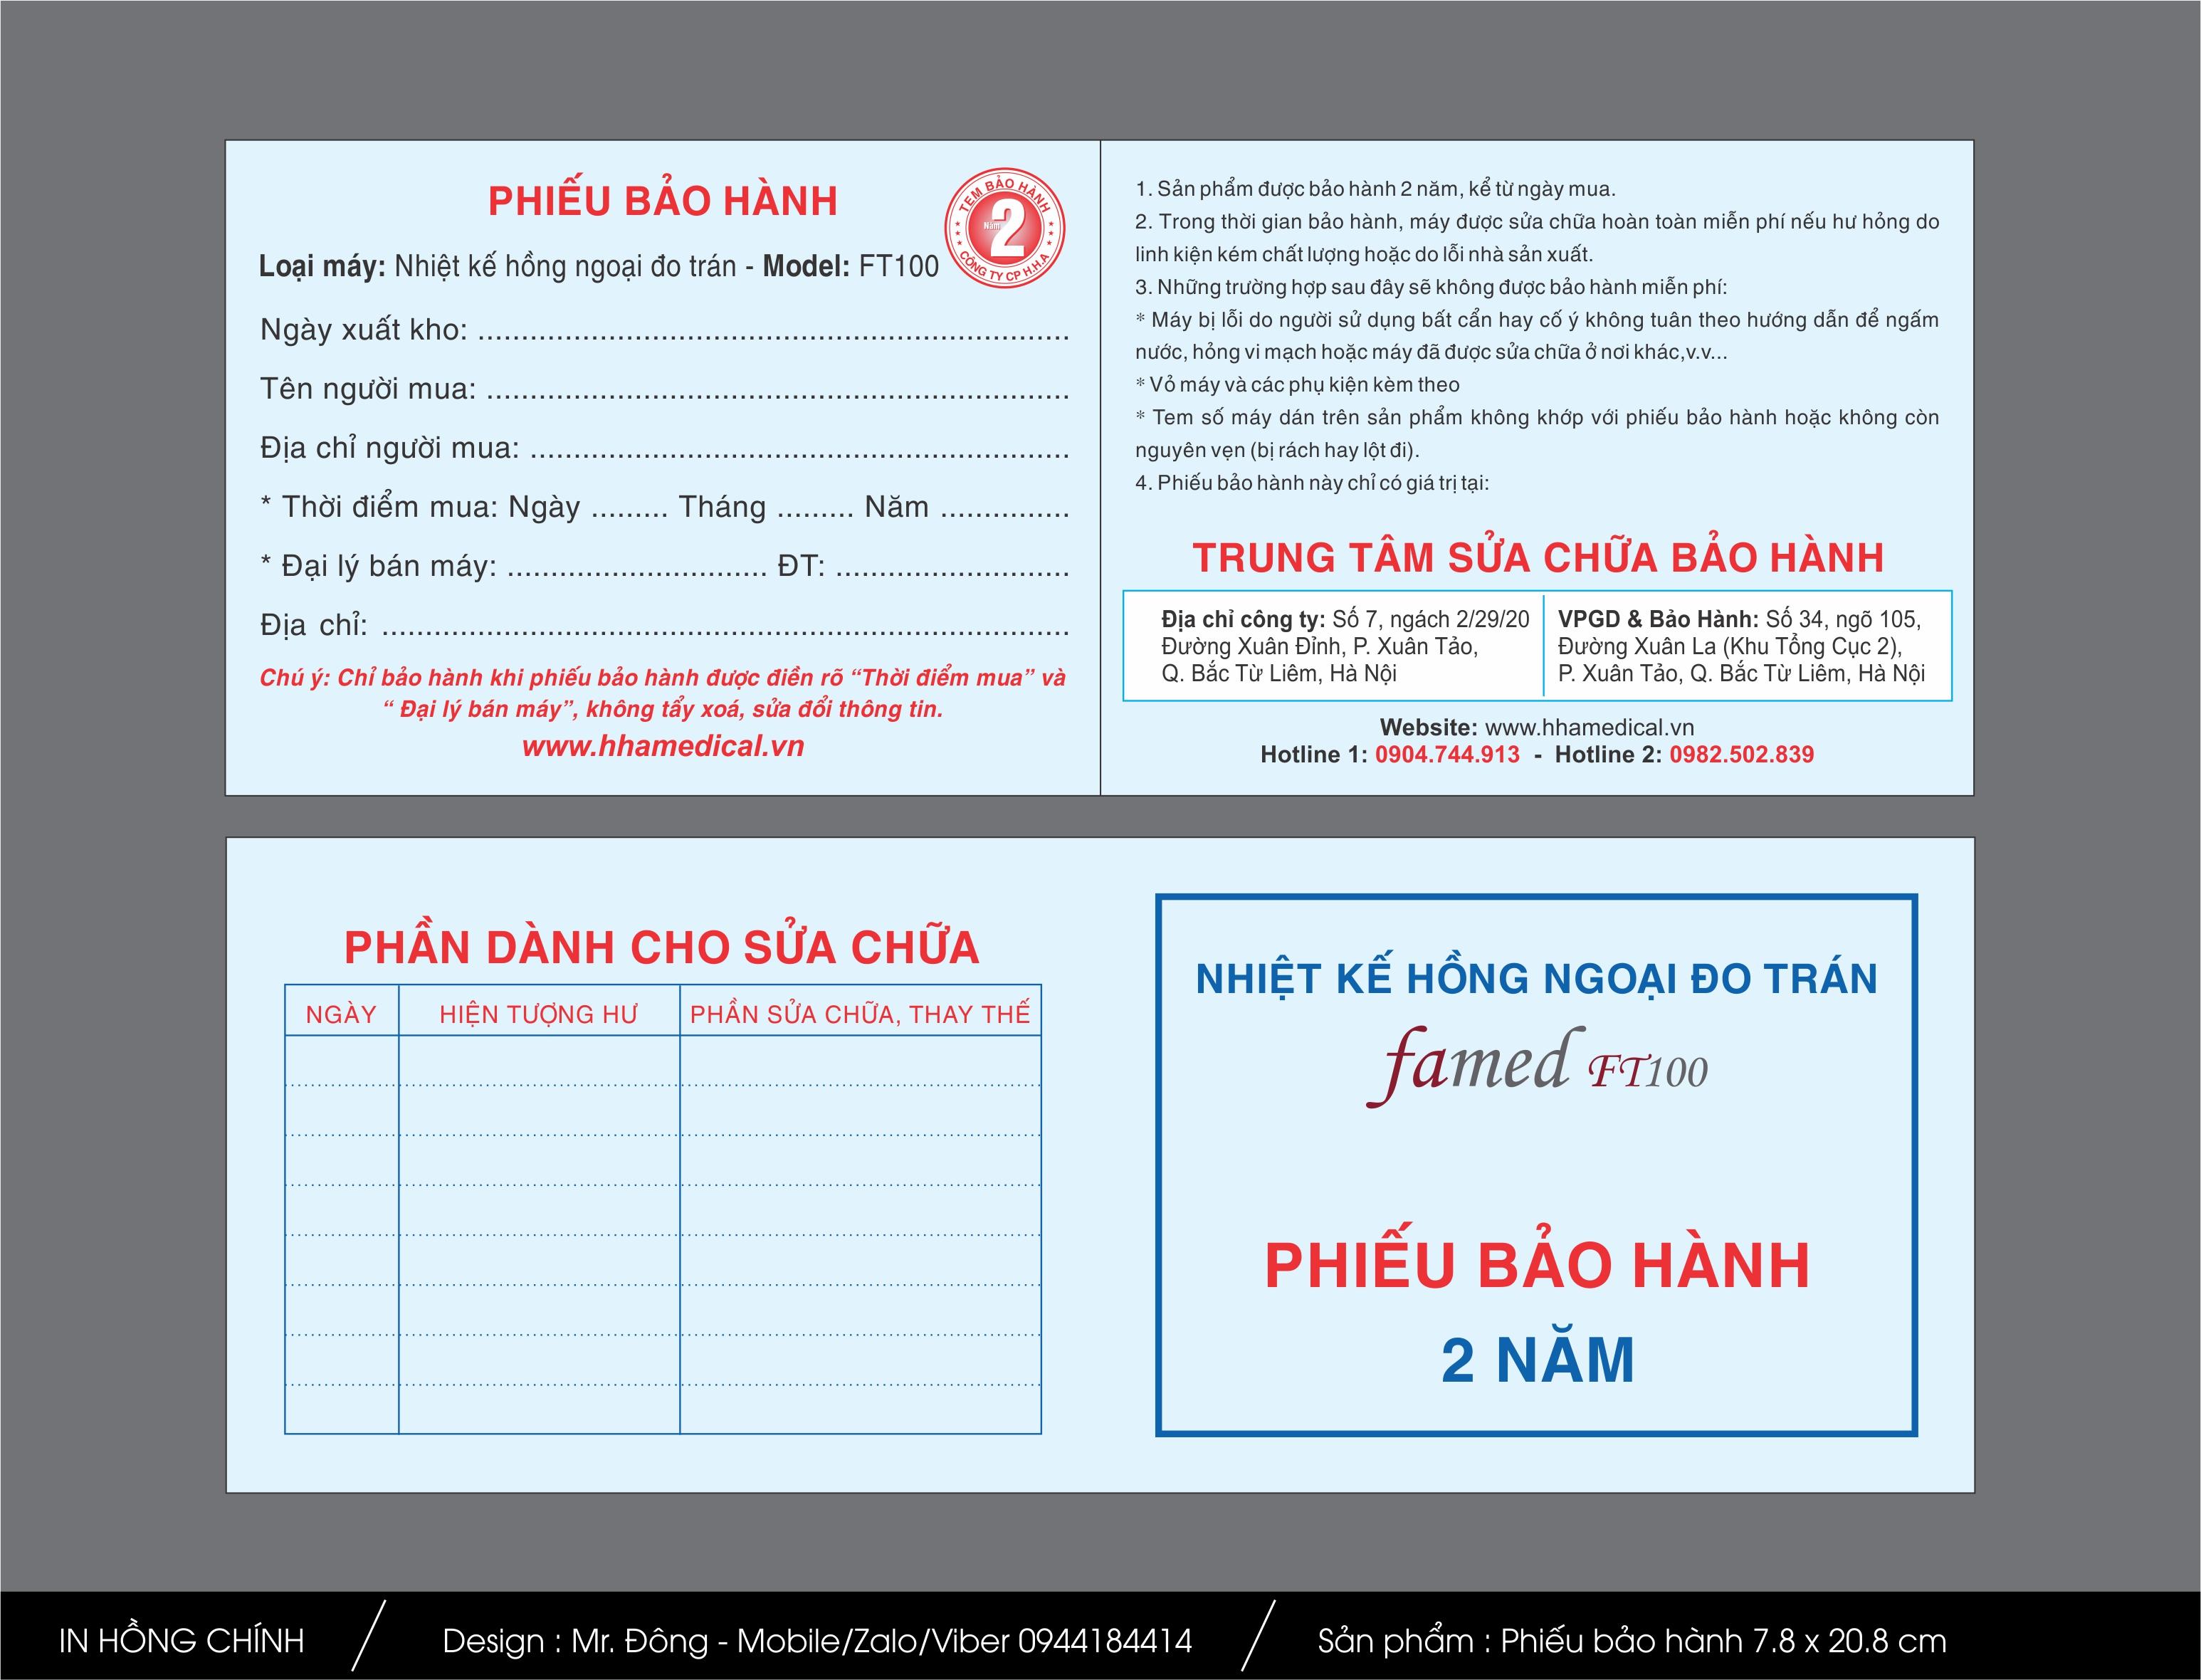 phieu-bao-hanh-hha-ft100-17-08-2016-1